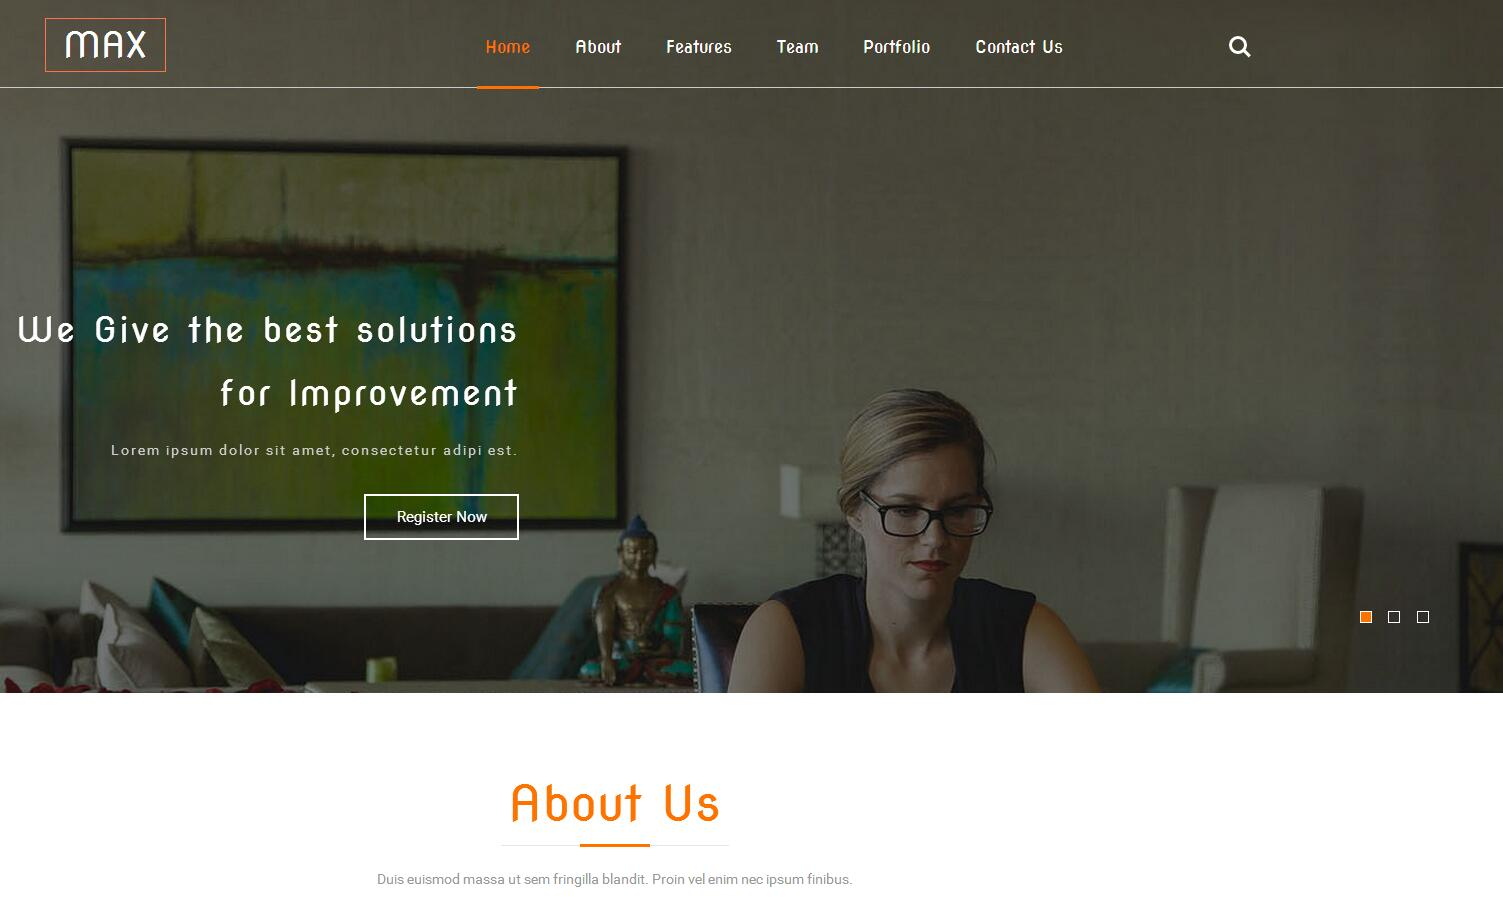 黑色宽屏的商务合作公司html5展示模板